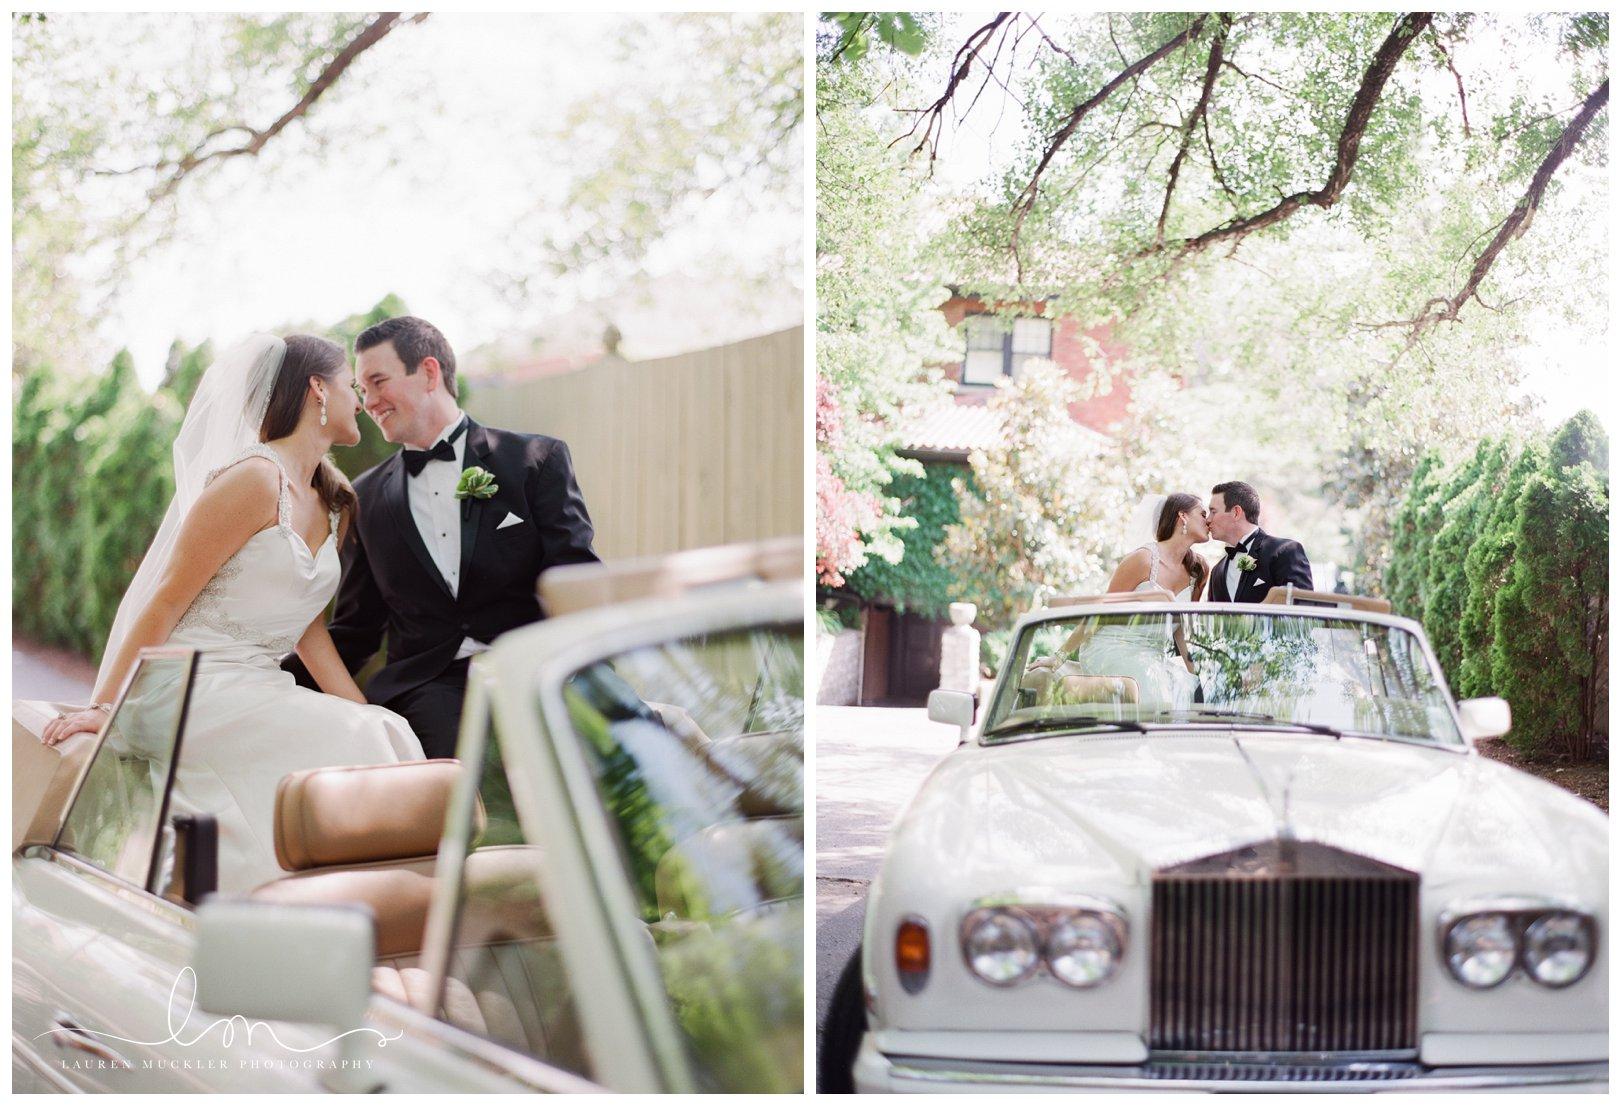 lauren muckler photography_fine art film wedding photography_st louis_photography_0229.jpg